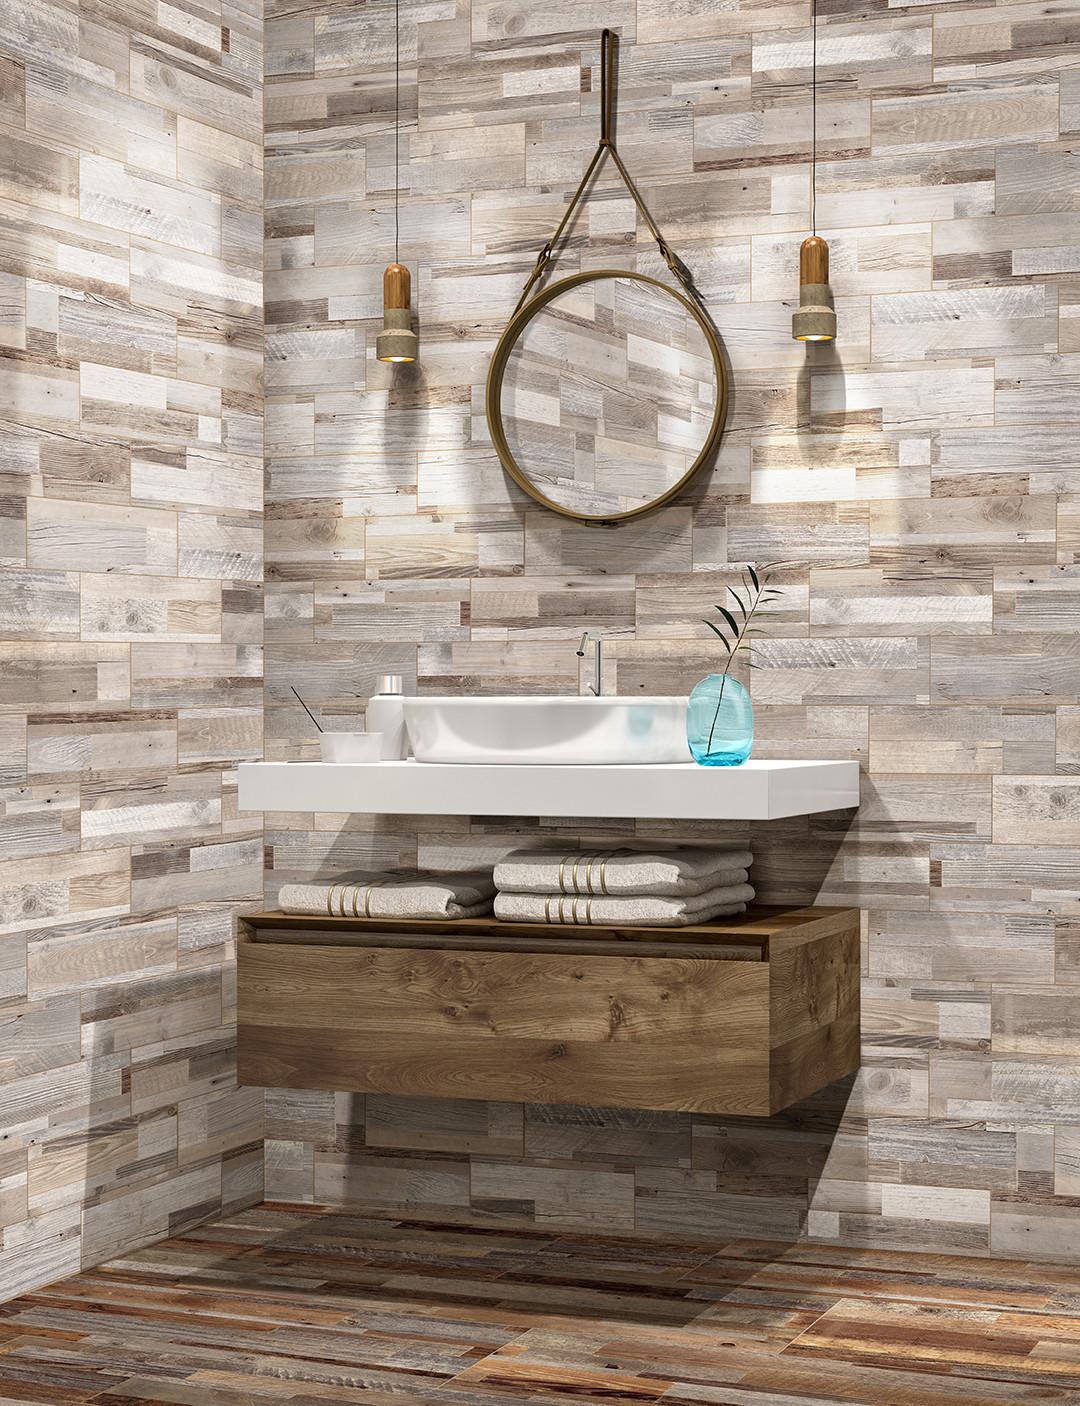 tavern rustic bathroom by genrose